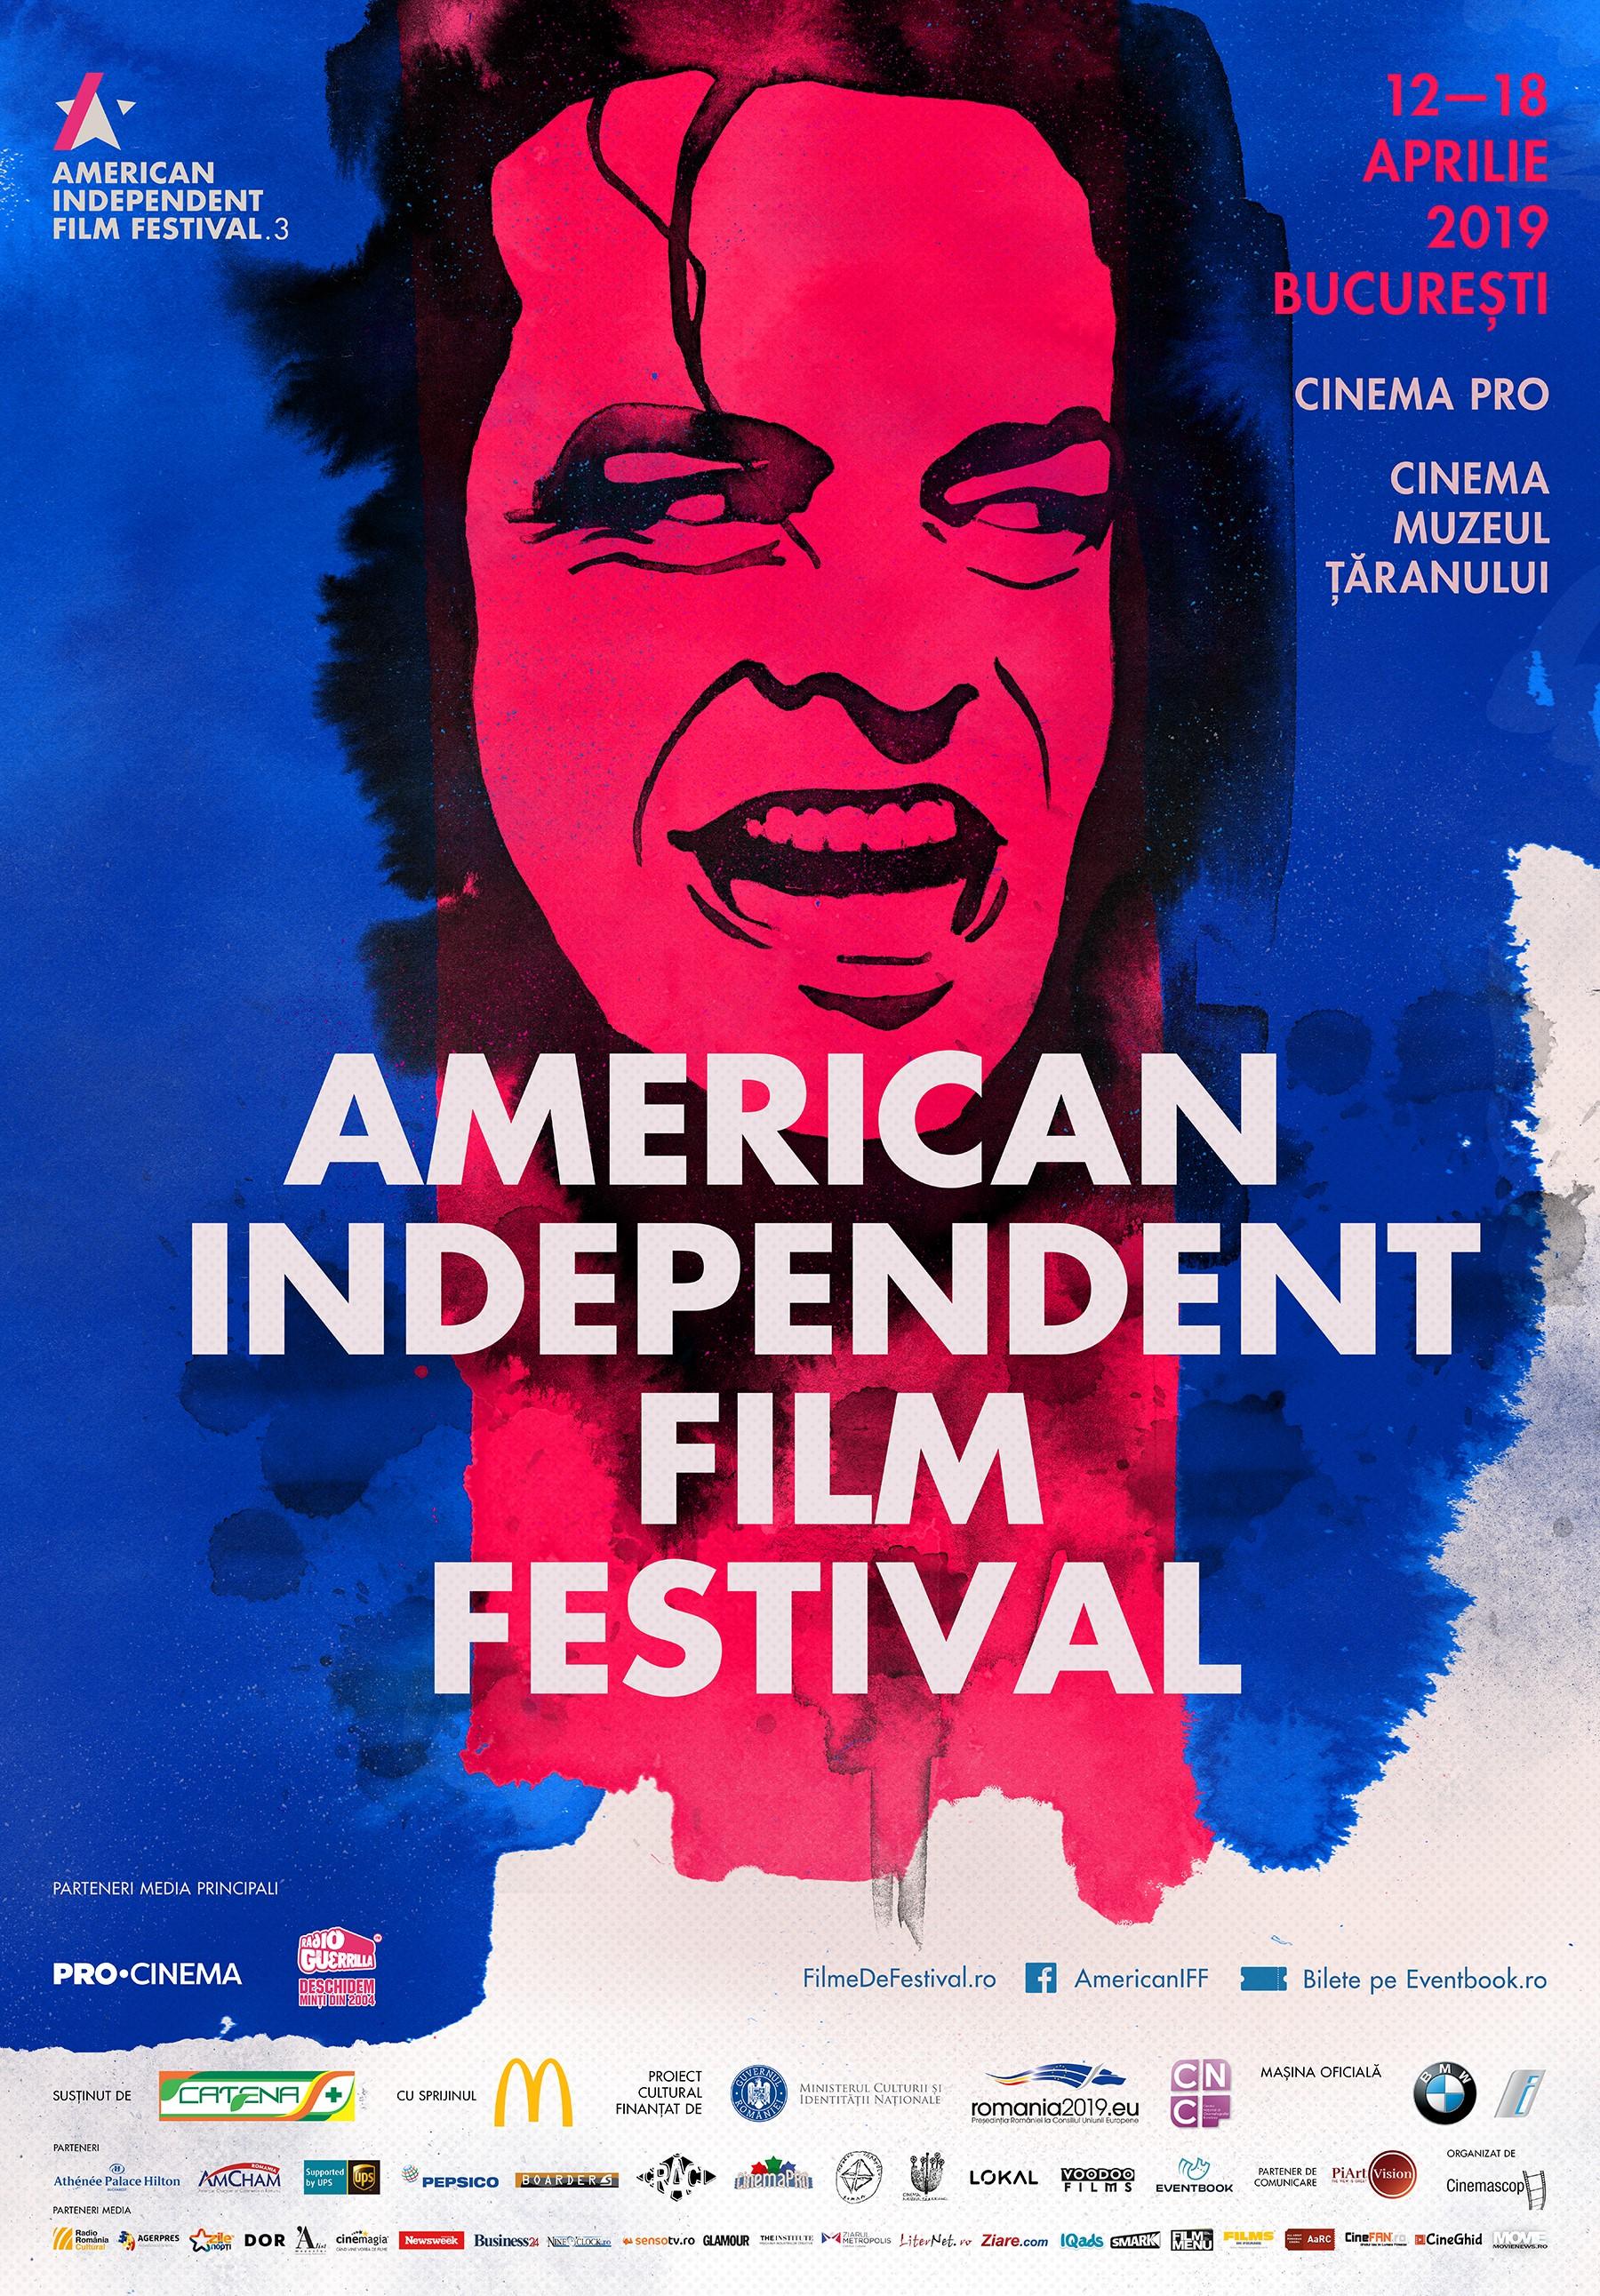 {focus_keyword} Începe American Independent Film Festival! Proiecții cu Skate Kitchen, Mid90s și dezbaterea Skateboarding și Cultura Urbană, în FOCUS Adolescenți Afis AIFF 2019